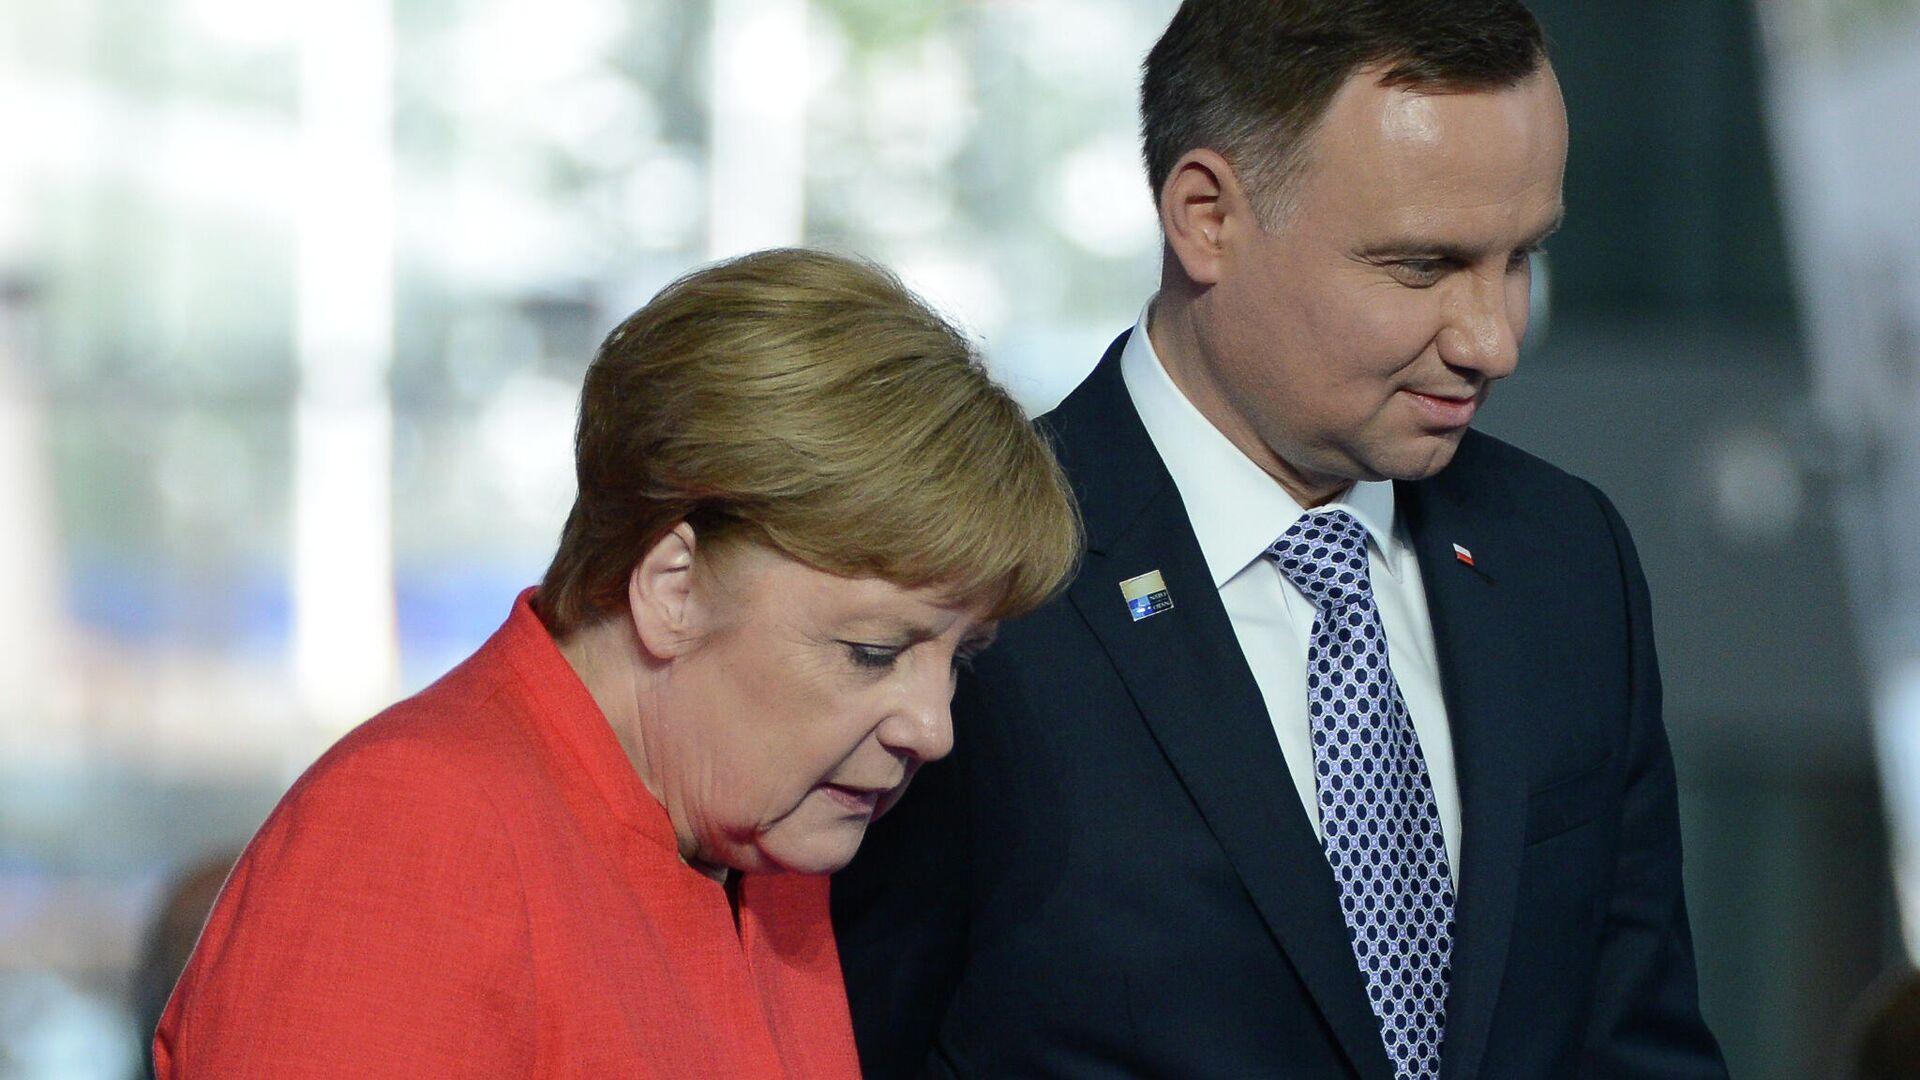 Президент Польши Анджей Дуда и федеральный канцлер ФРГ Ангела Меркель - РИА Новости, 1920, 01.03.2021